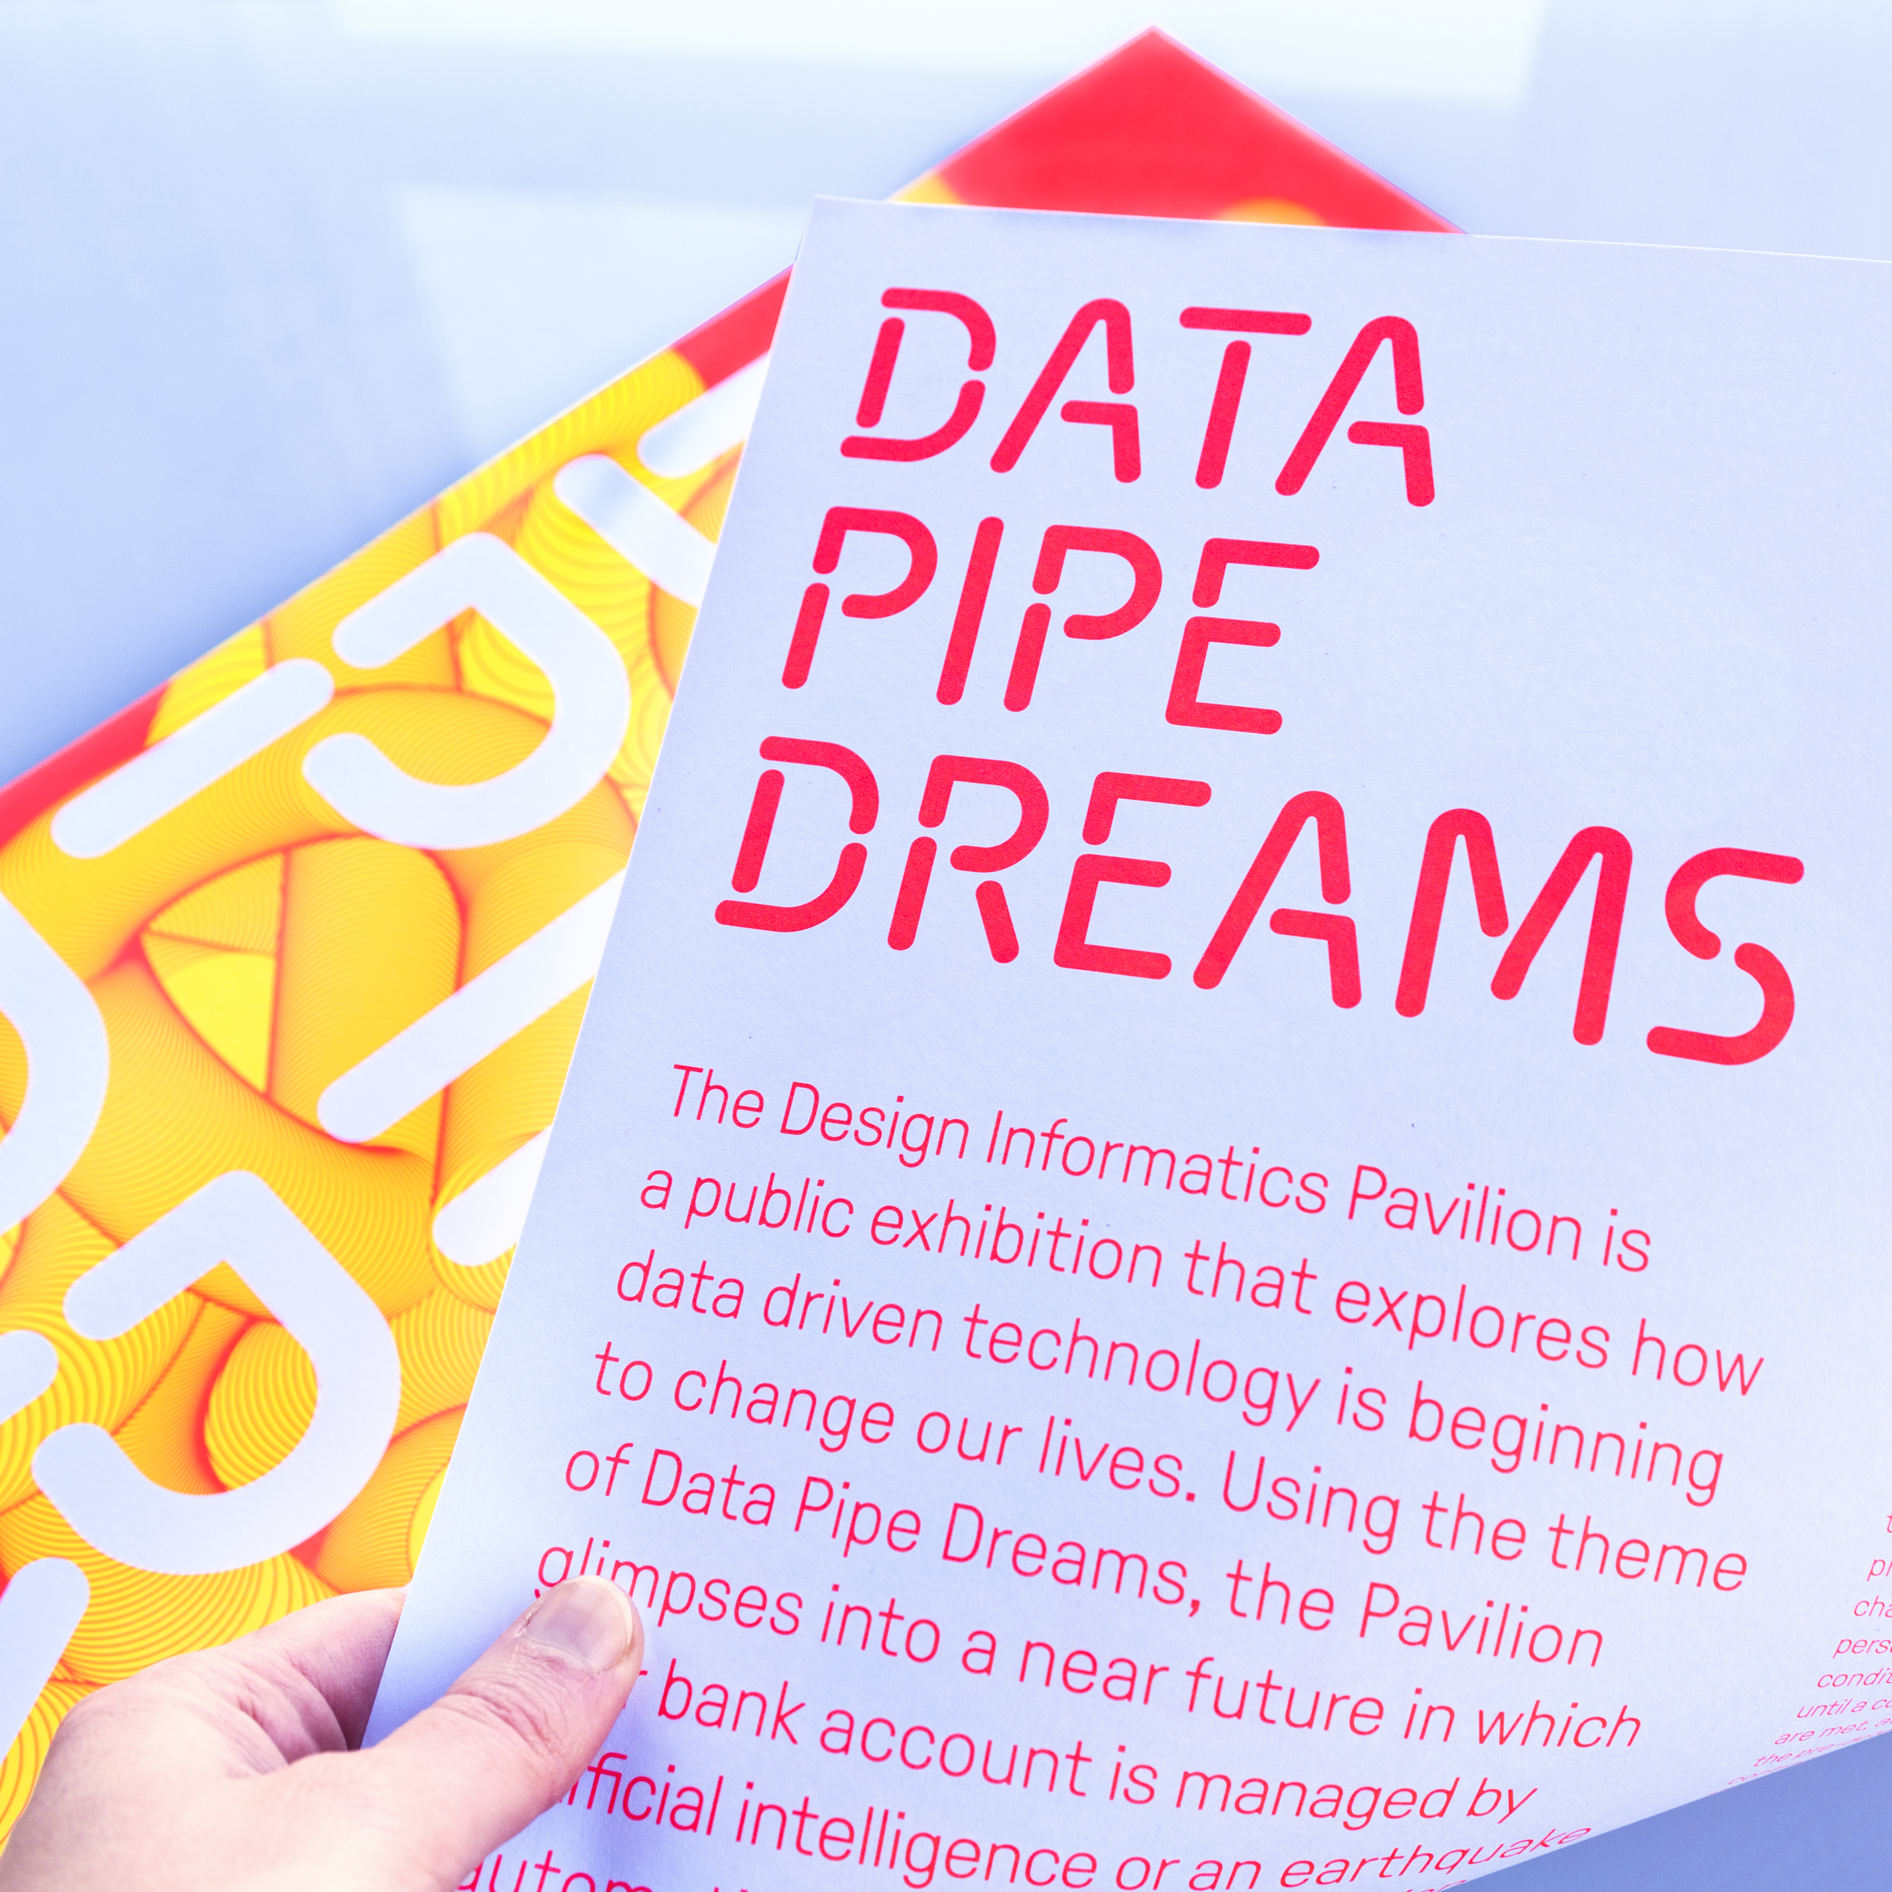 Data Pavilion Design Informatics Poster (Peak15 / Sigrid Schmeisser)